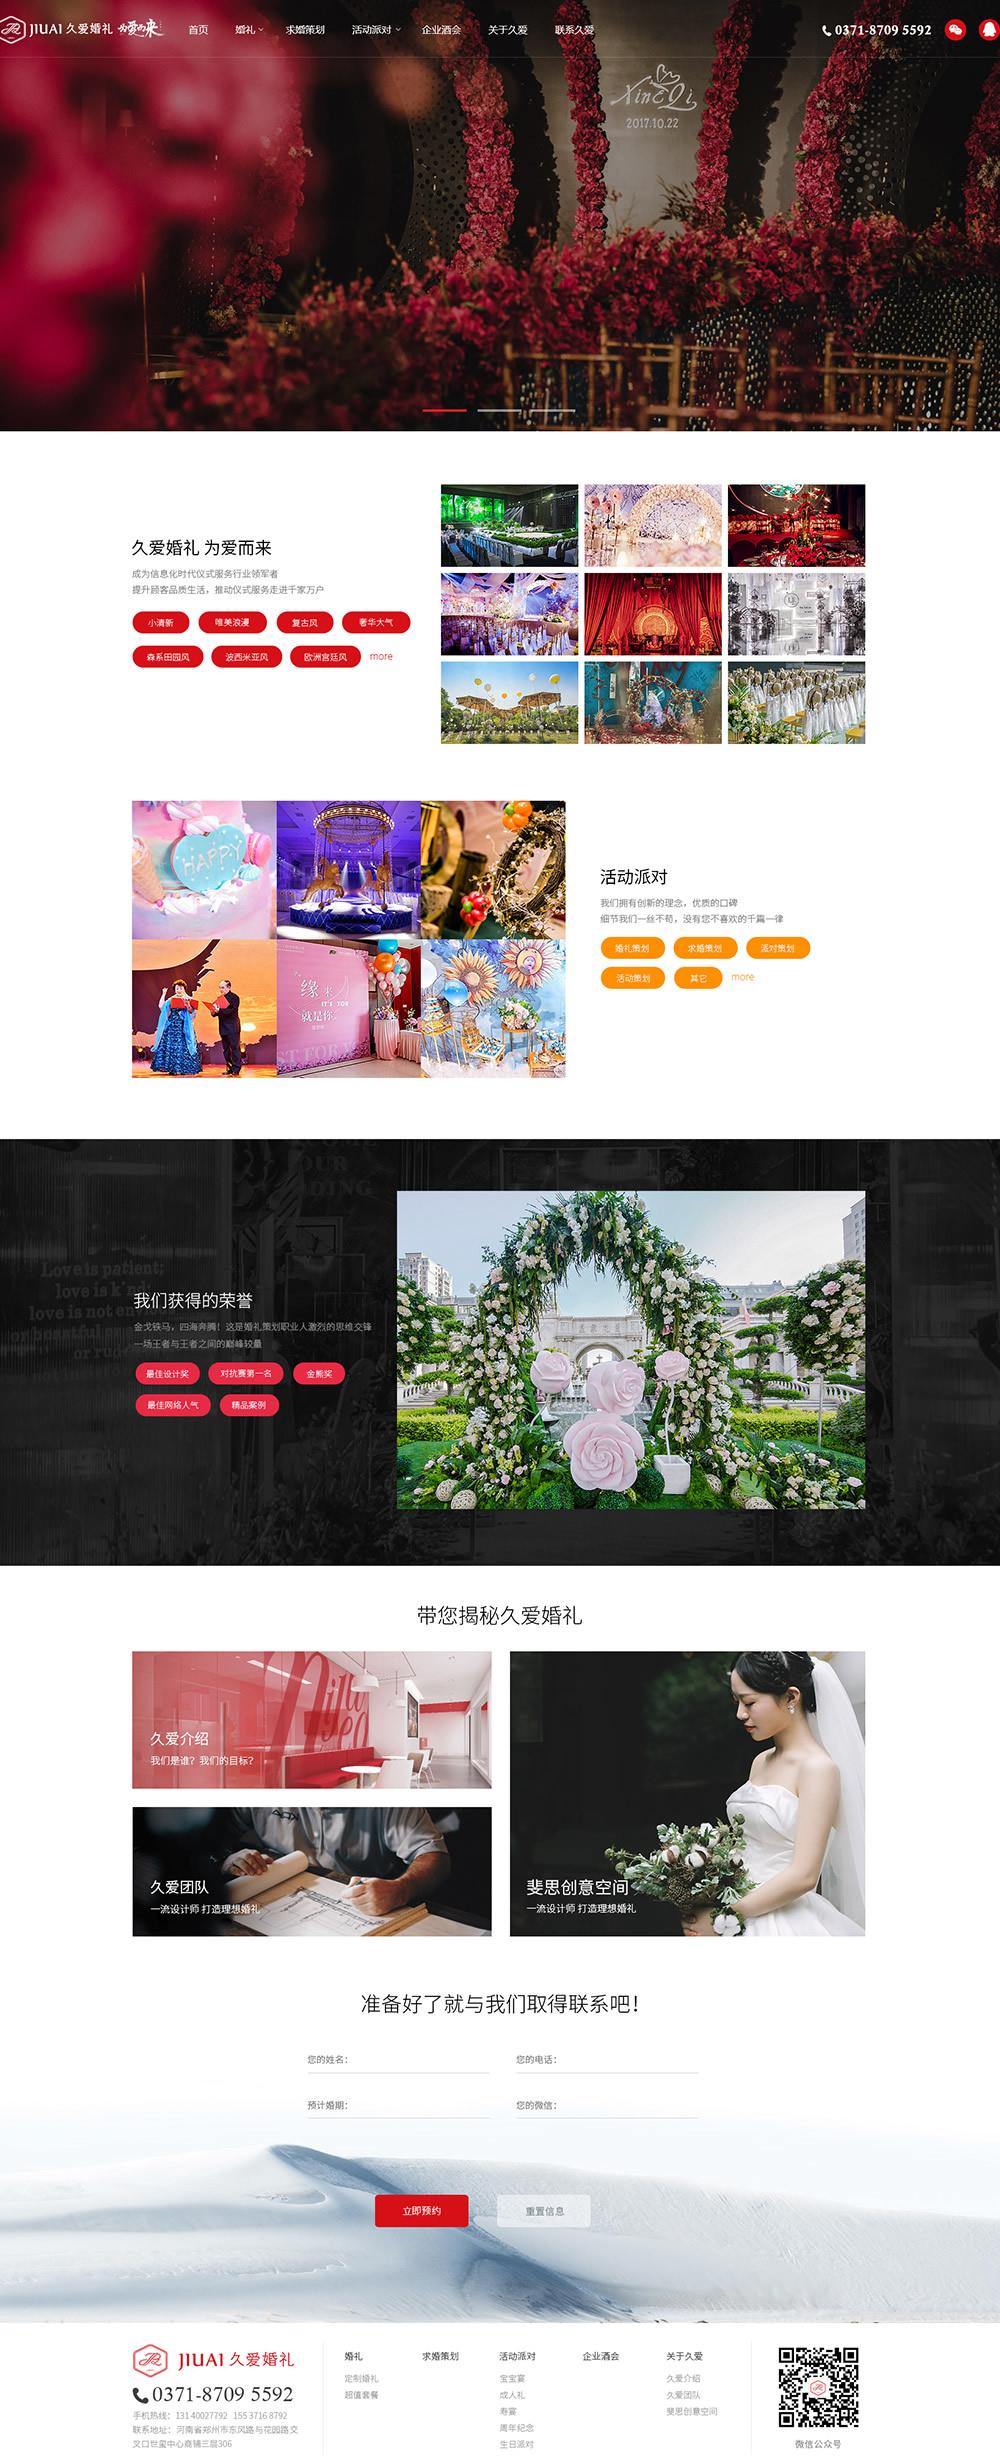 婚庆网站pc首页展示